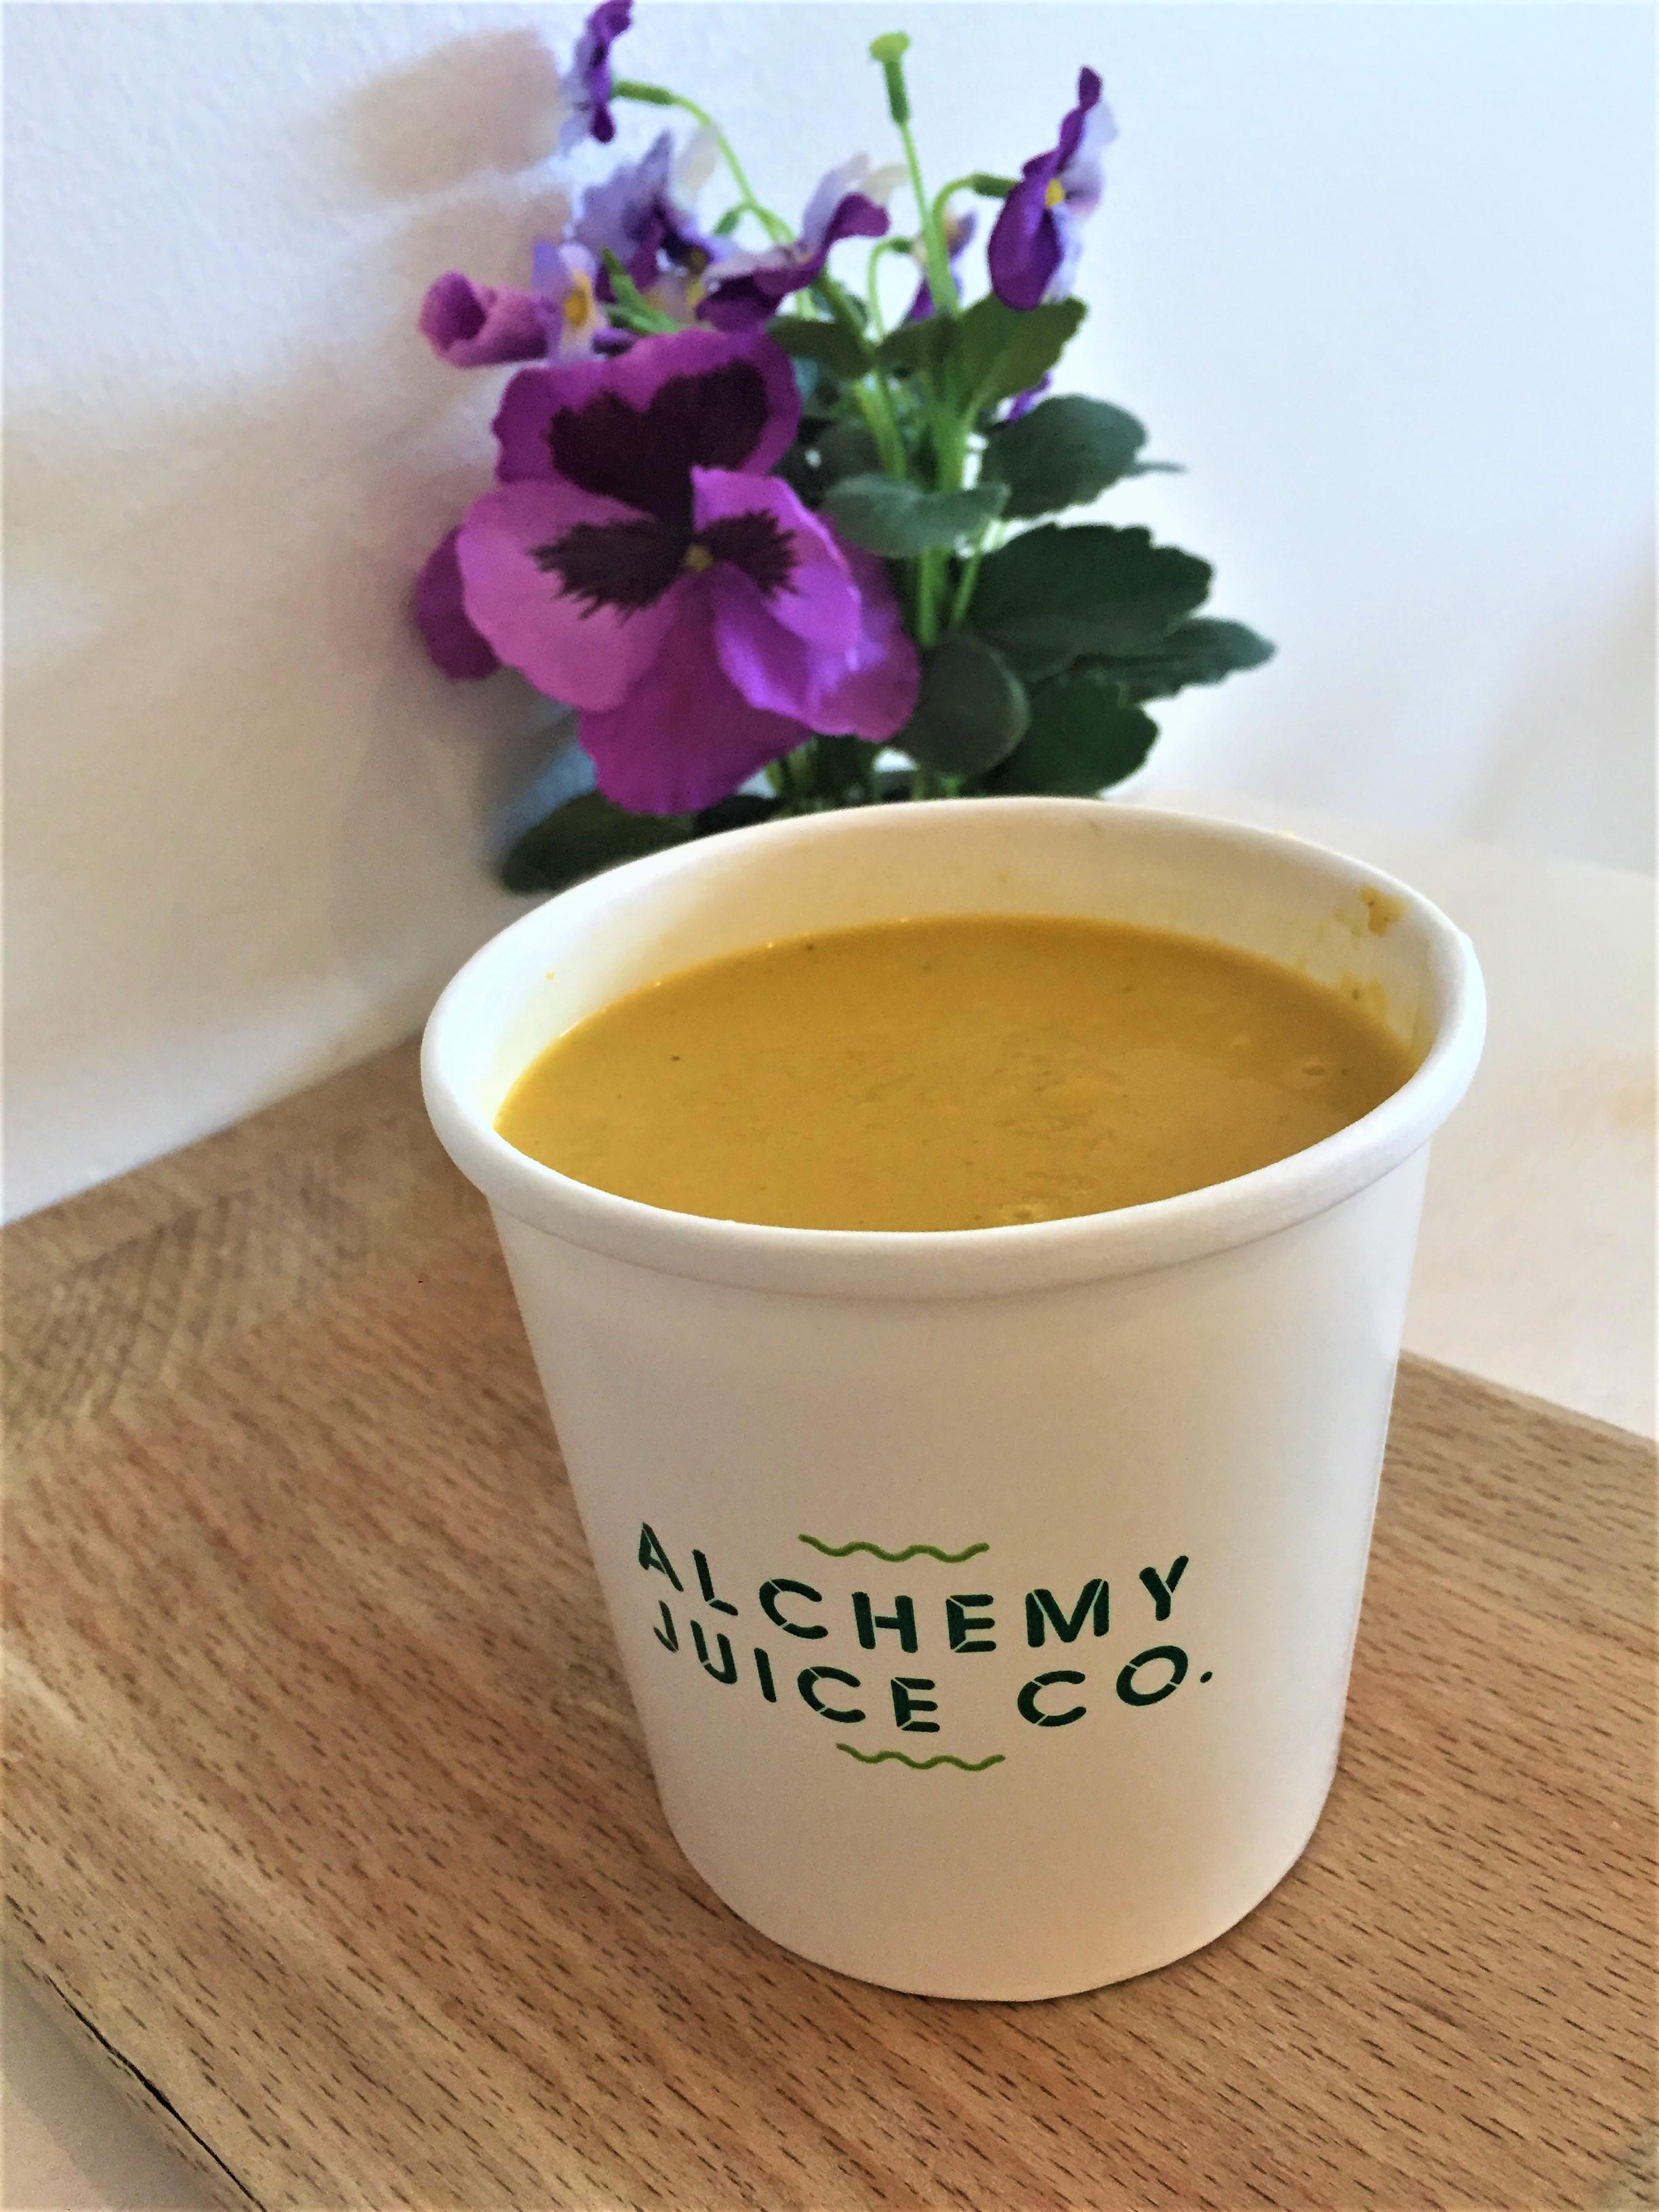 alchmey soup.jpg